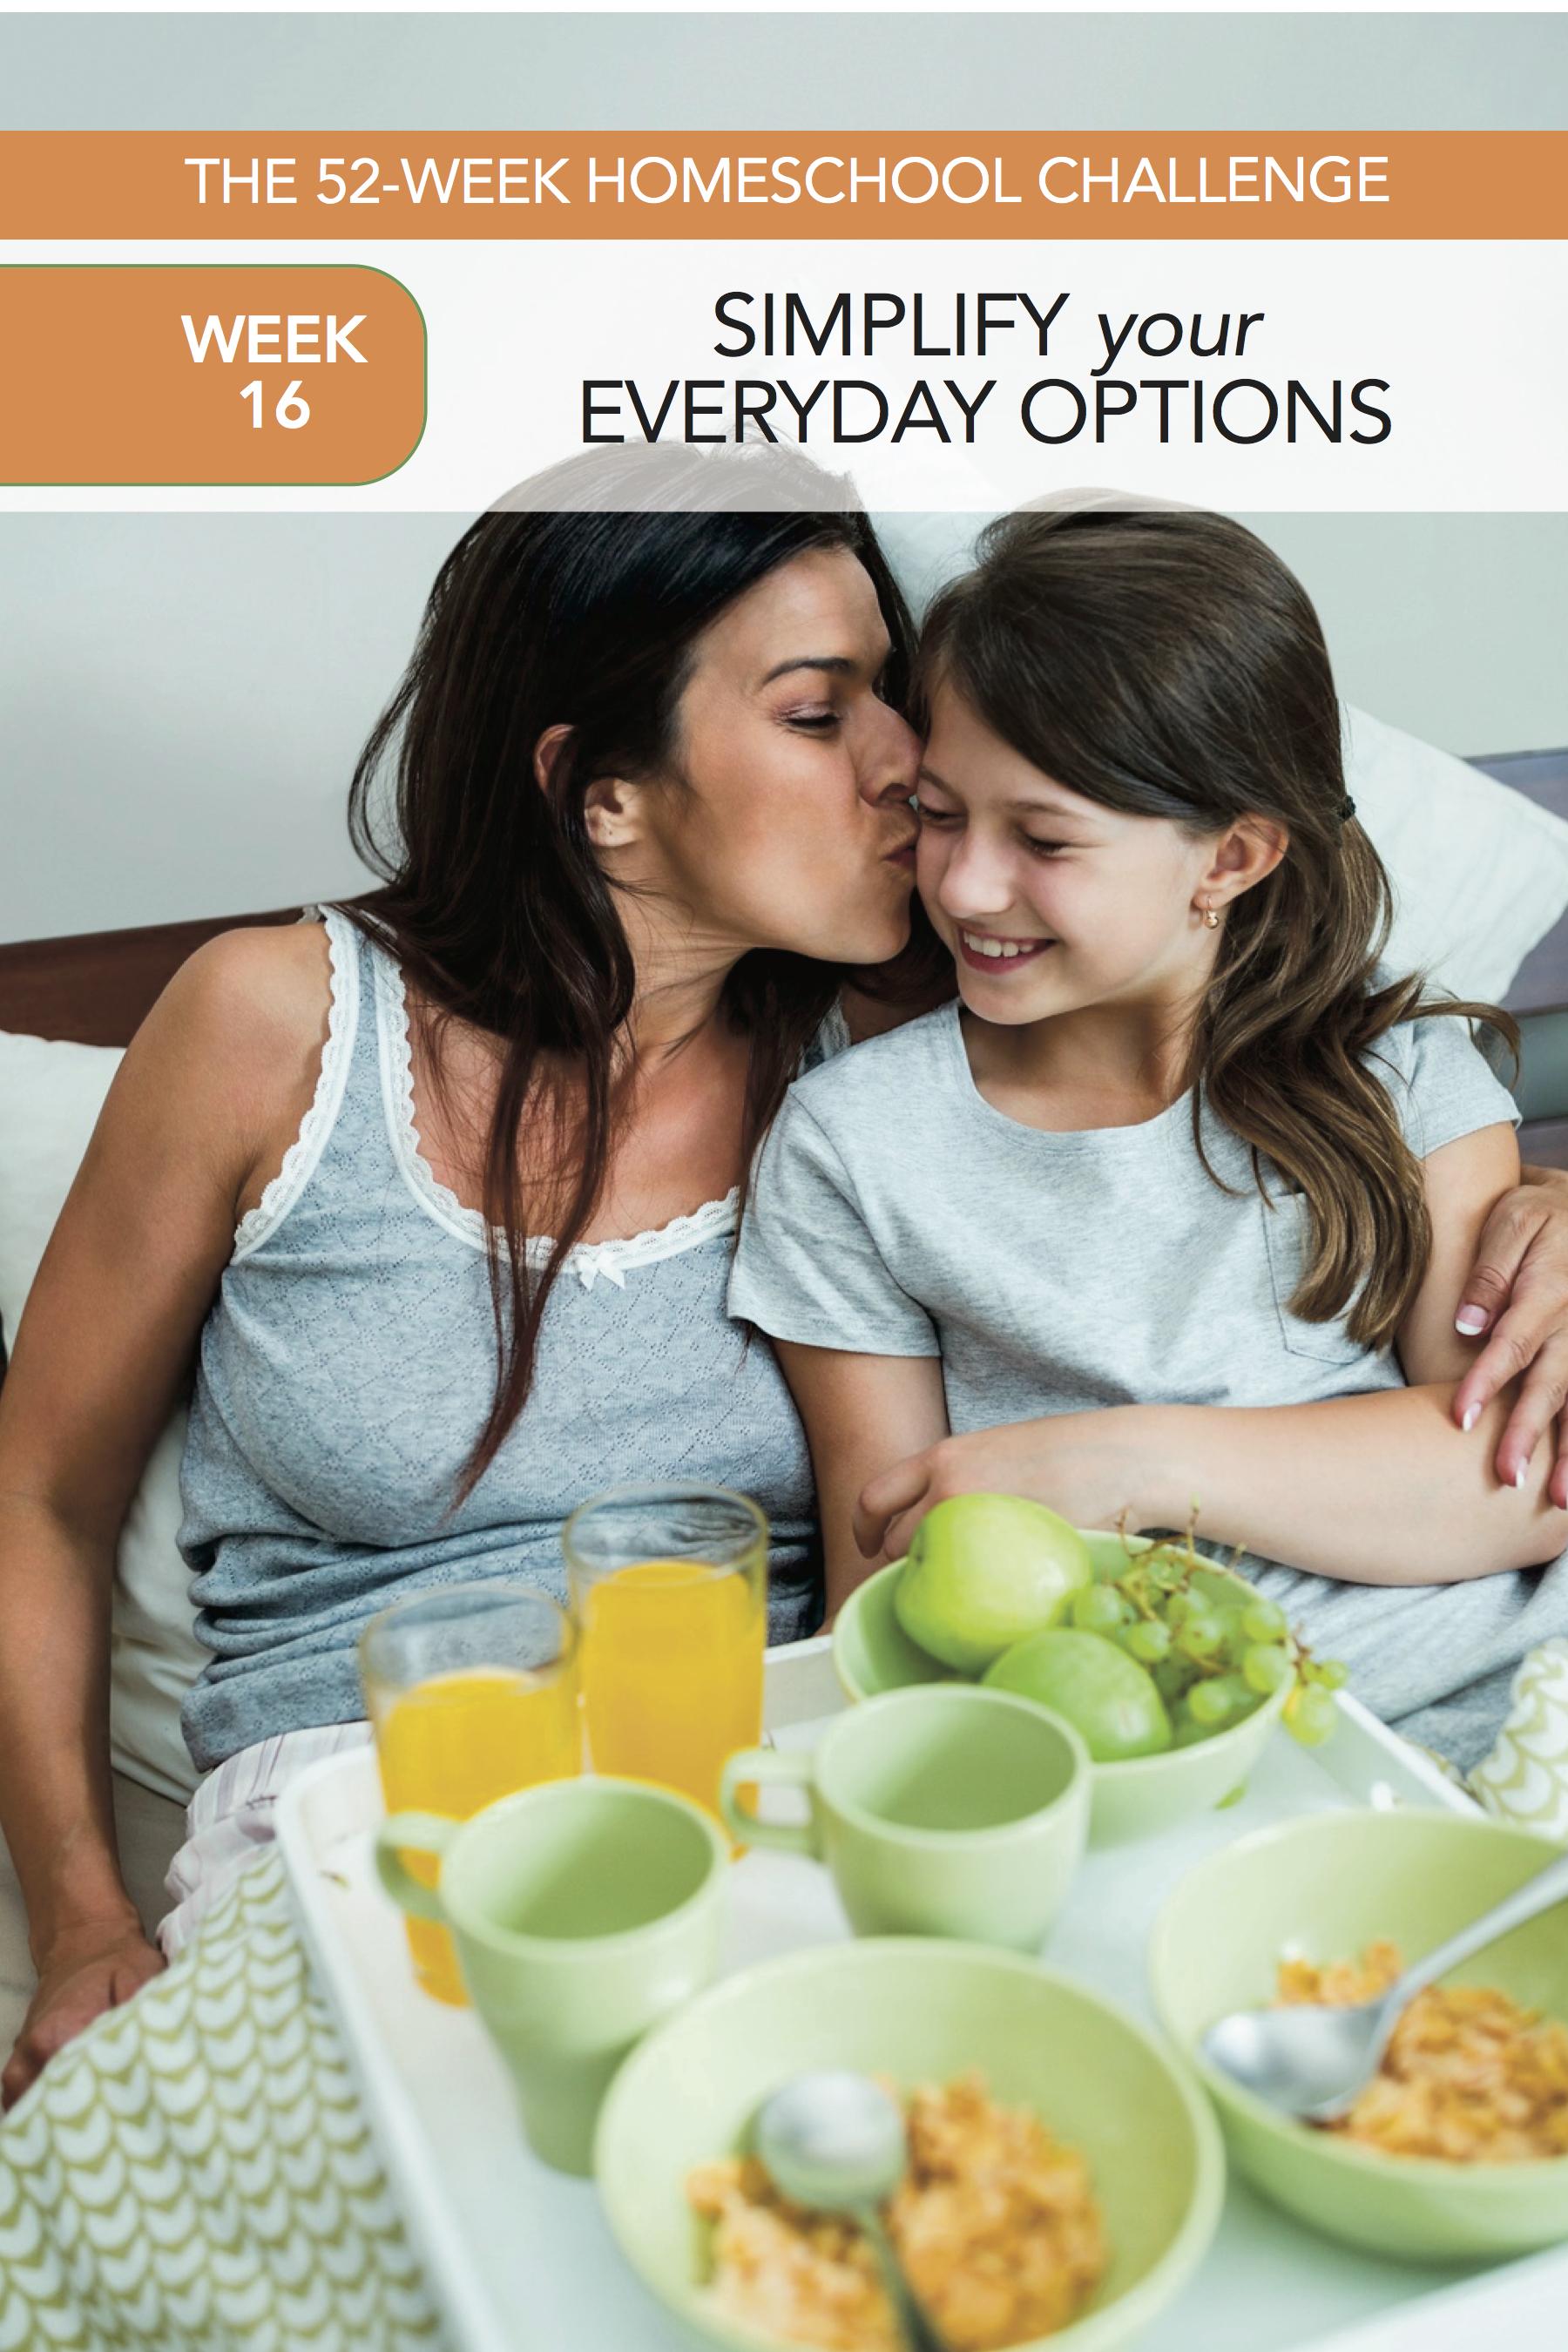 52 Weeks of Happier Homeschooling Week 16: Simplify Your Options